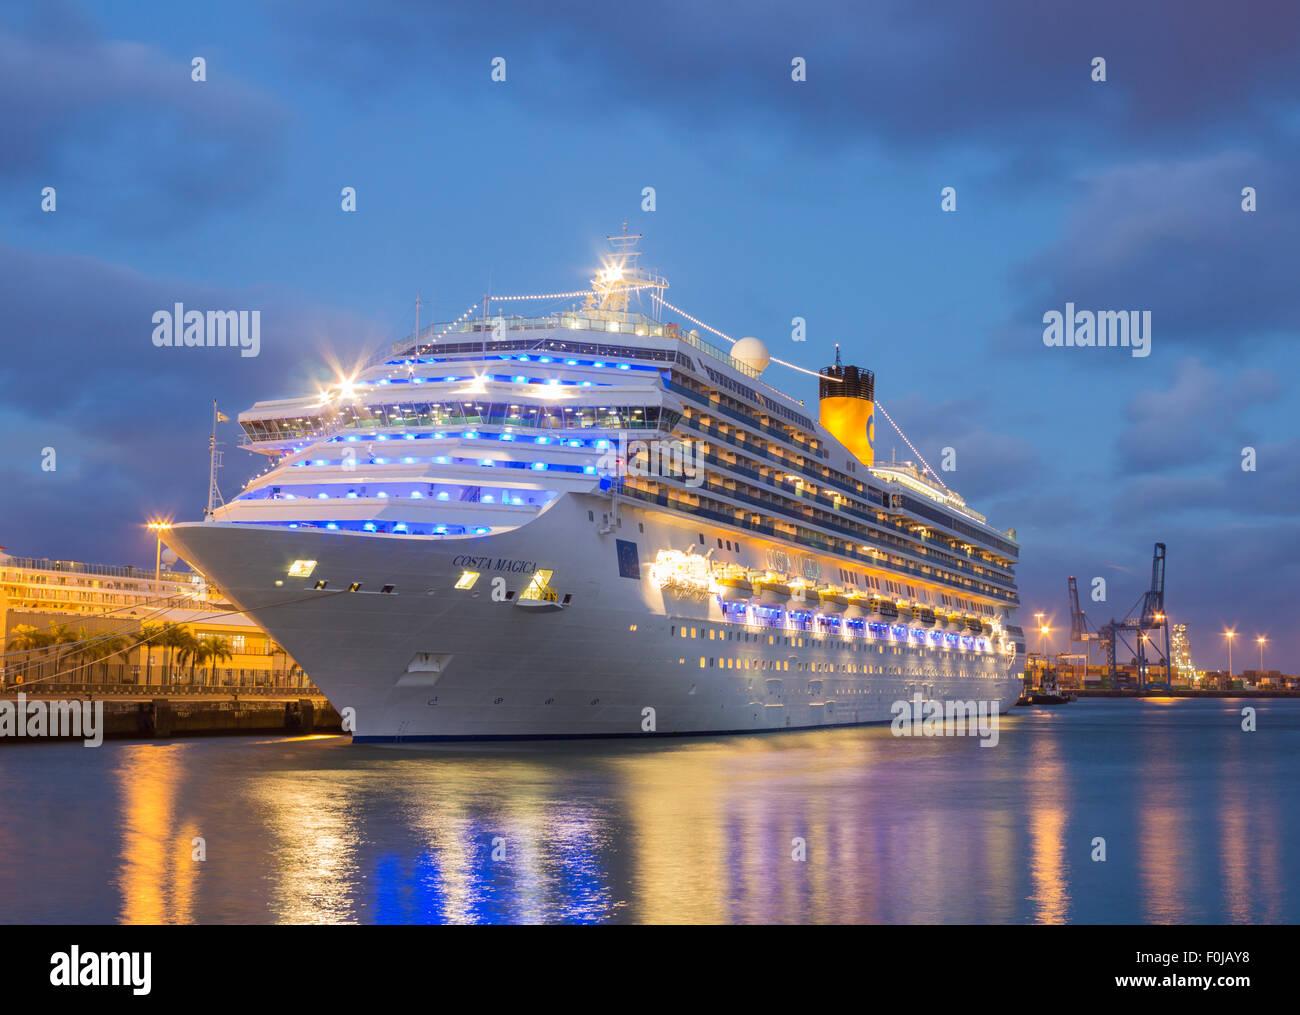 Costa magica cruise ship in port at night las palmas for Costa magica immagini